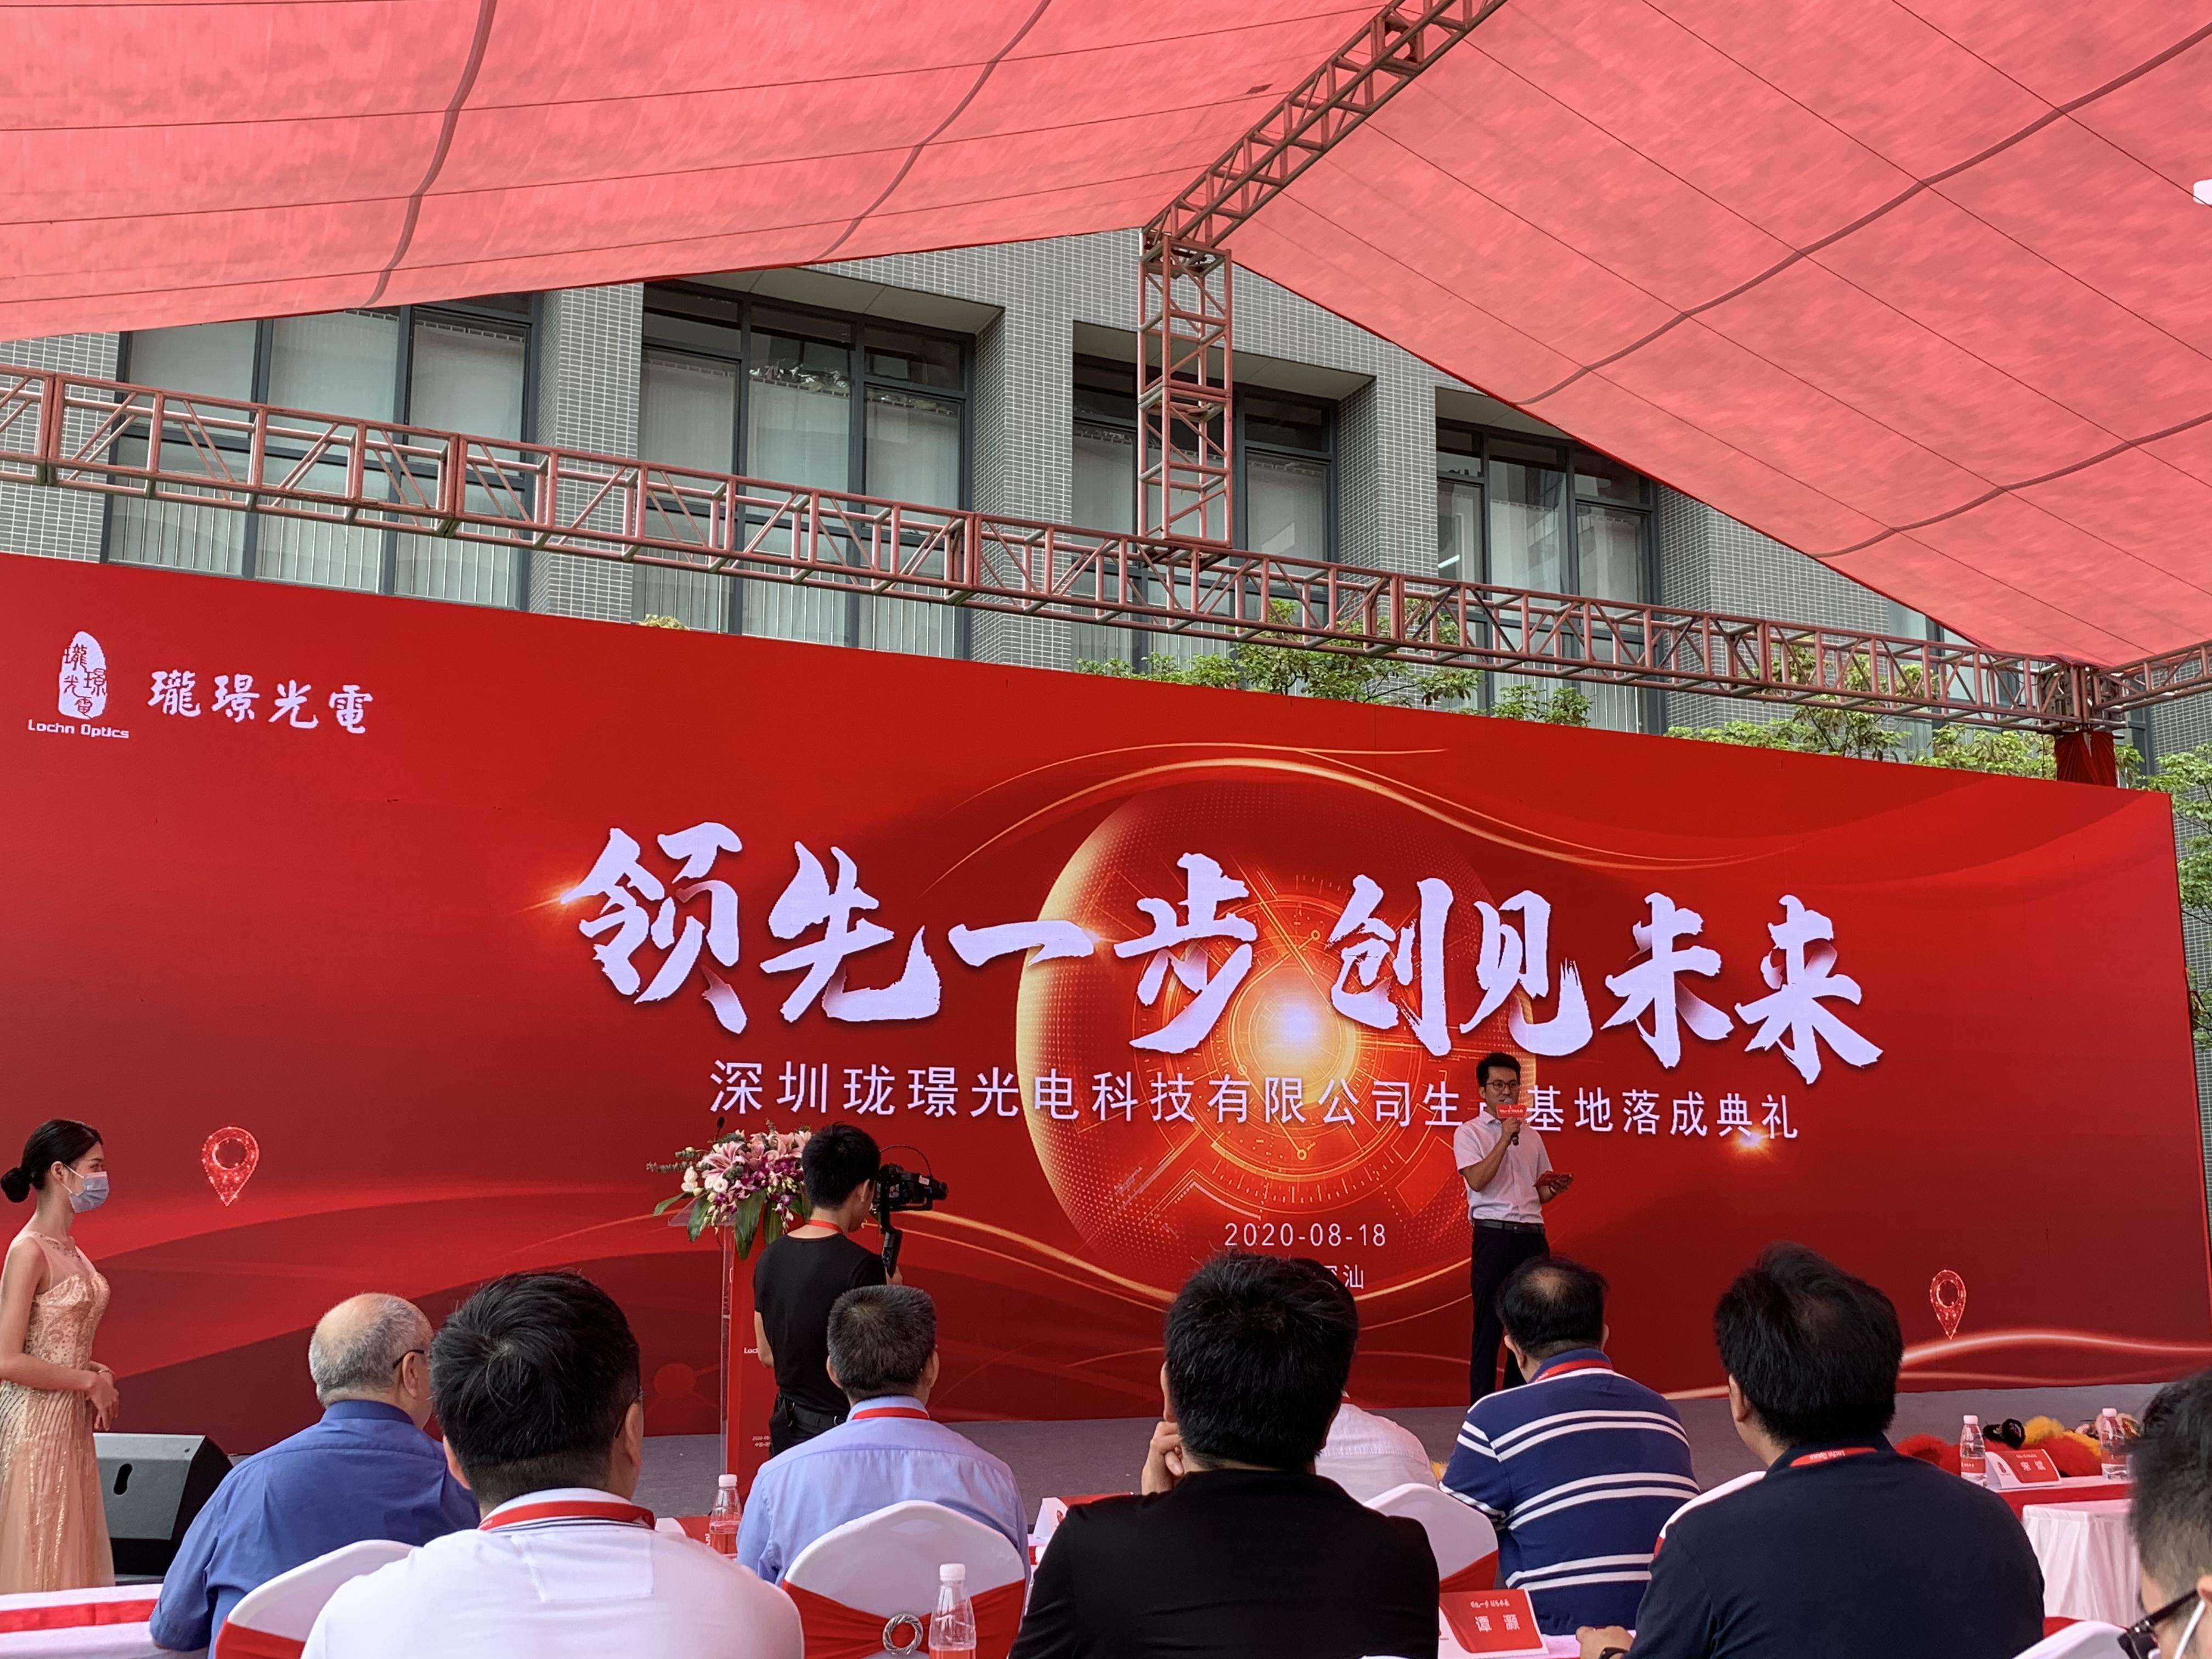 珑璟光电深汕生产基地落成投产,数千万元投资提升光波导产能及良率